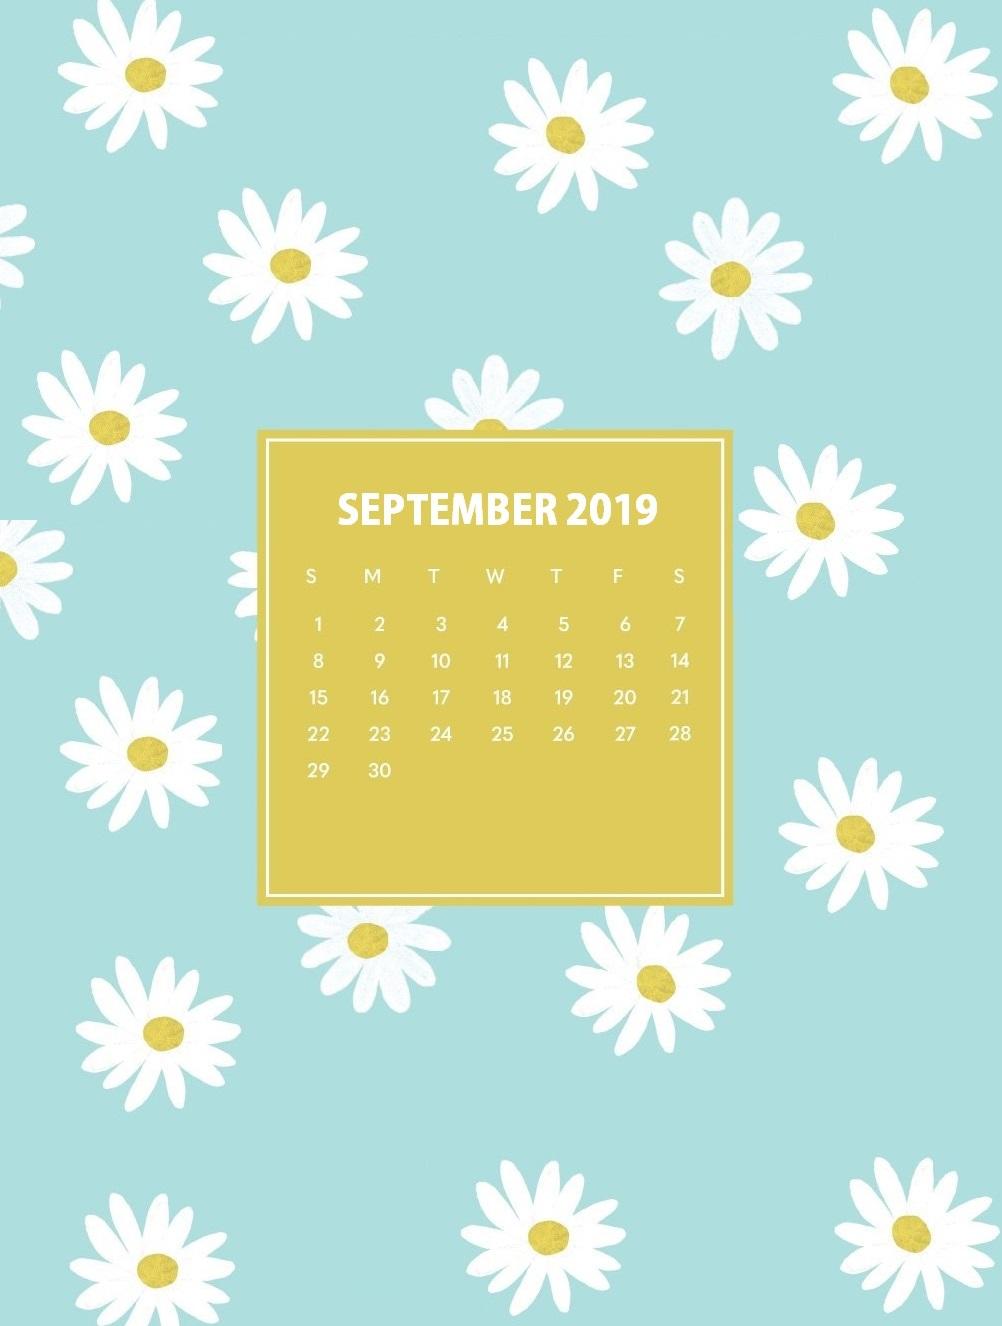 iPhone September 2019 Calendar Wallpaper Max Calendars 1002x1326